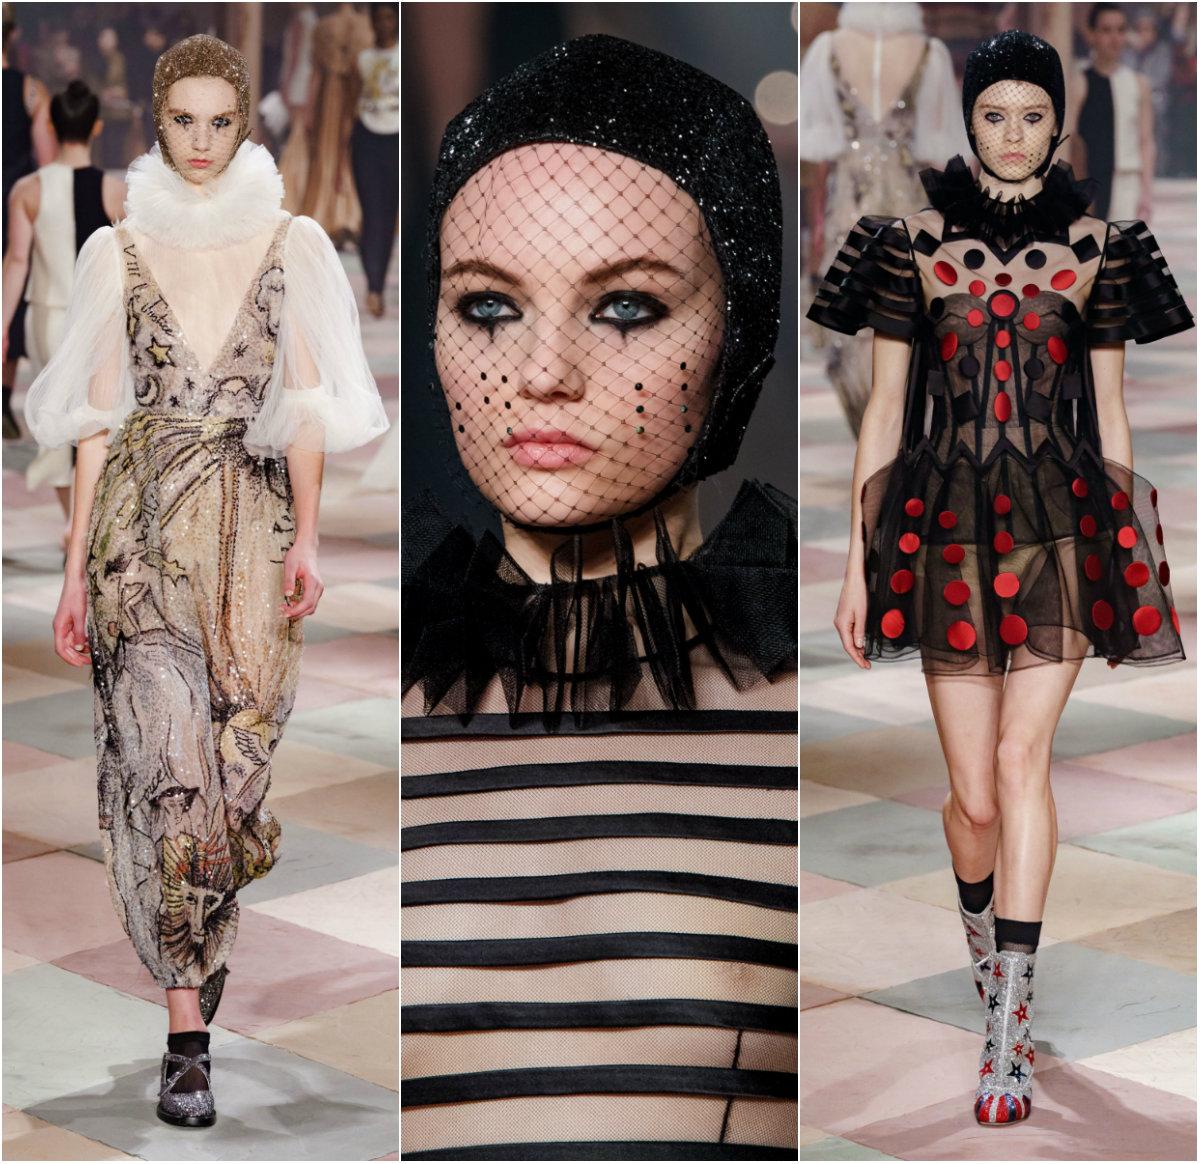 Вълшебният свят на цирка оживя в дефилето на Dior